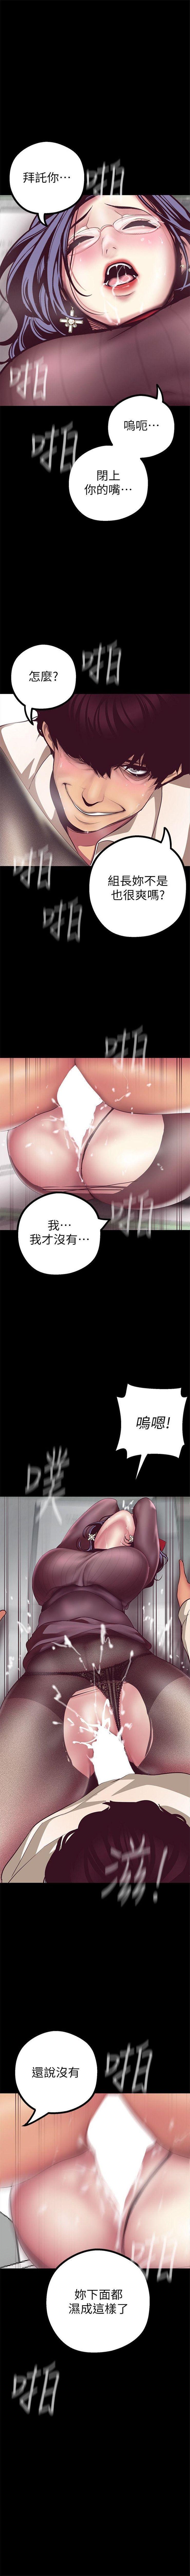 (週1)美麗新世界 1-76 中文翻譯 (更新中) 104